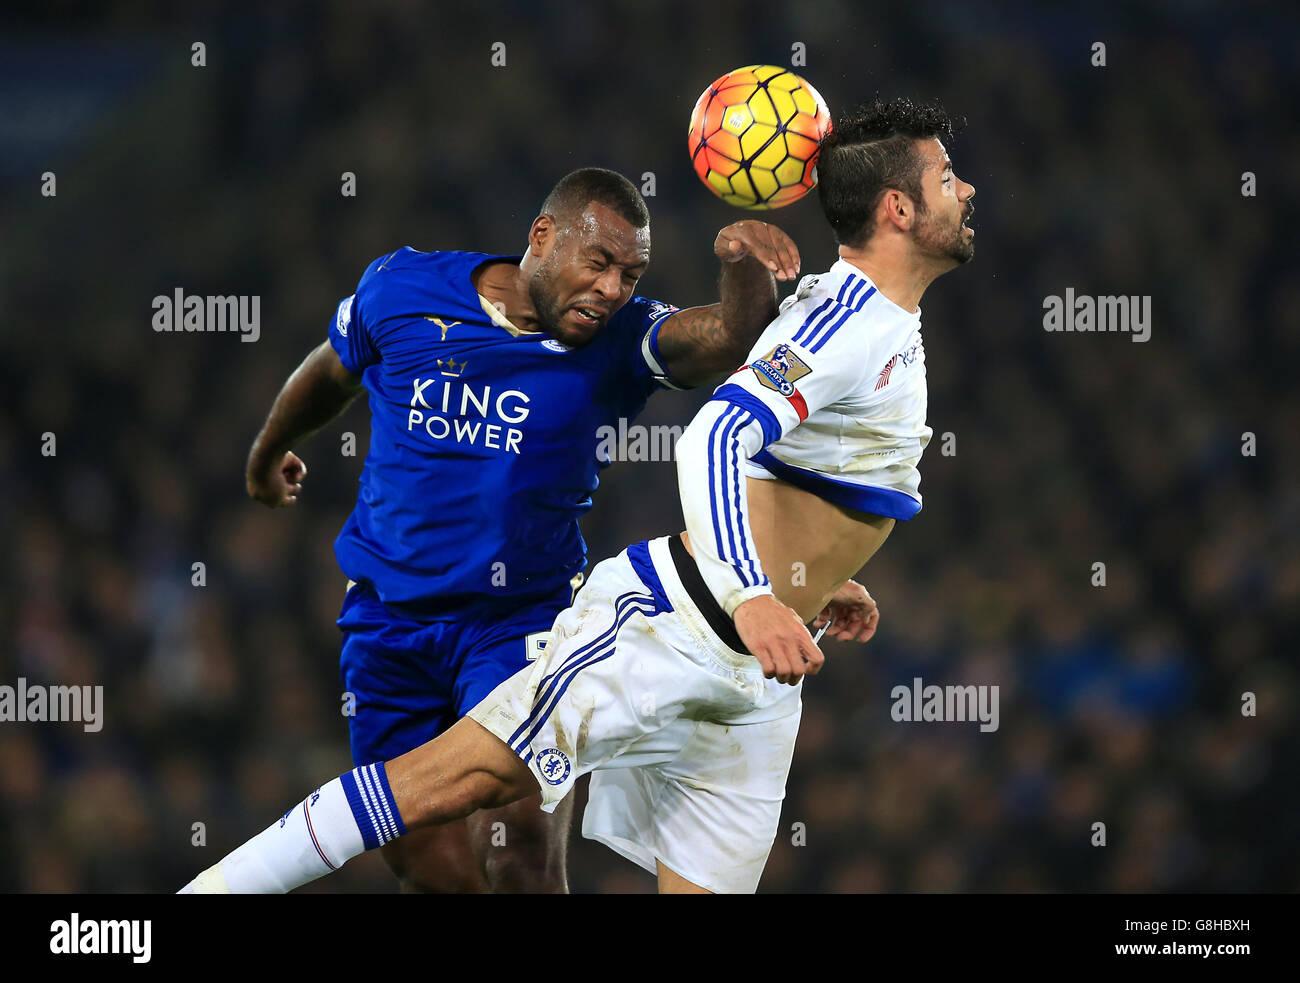 Wes Morgan von Leicester City (links) und Diego Costa von Chelsea kämpfen während des Spiels der Barclays Premier League im King Power Stadium in Leicester um den Ball. Stockfoto